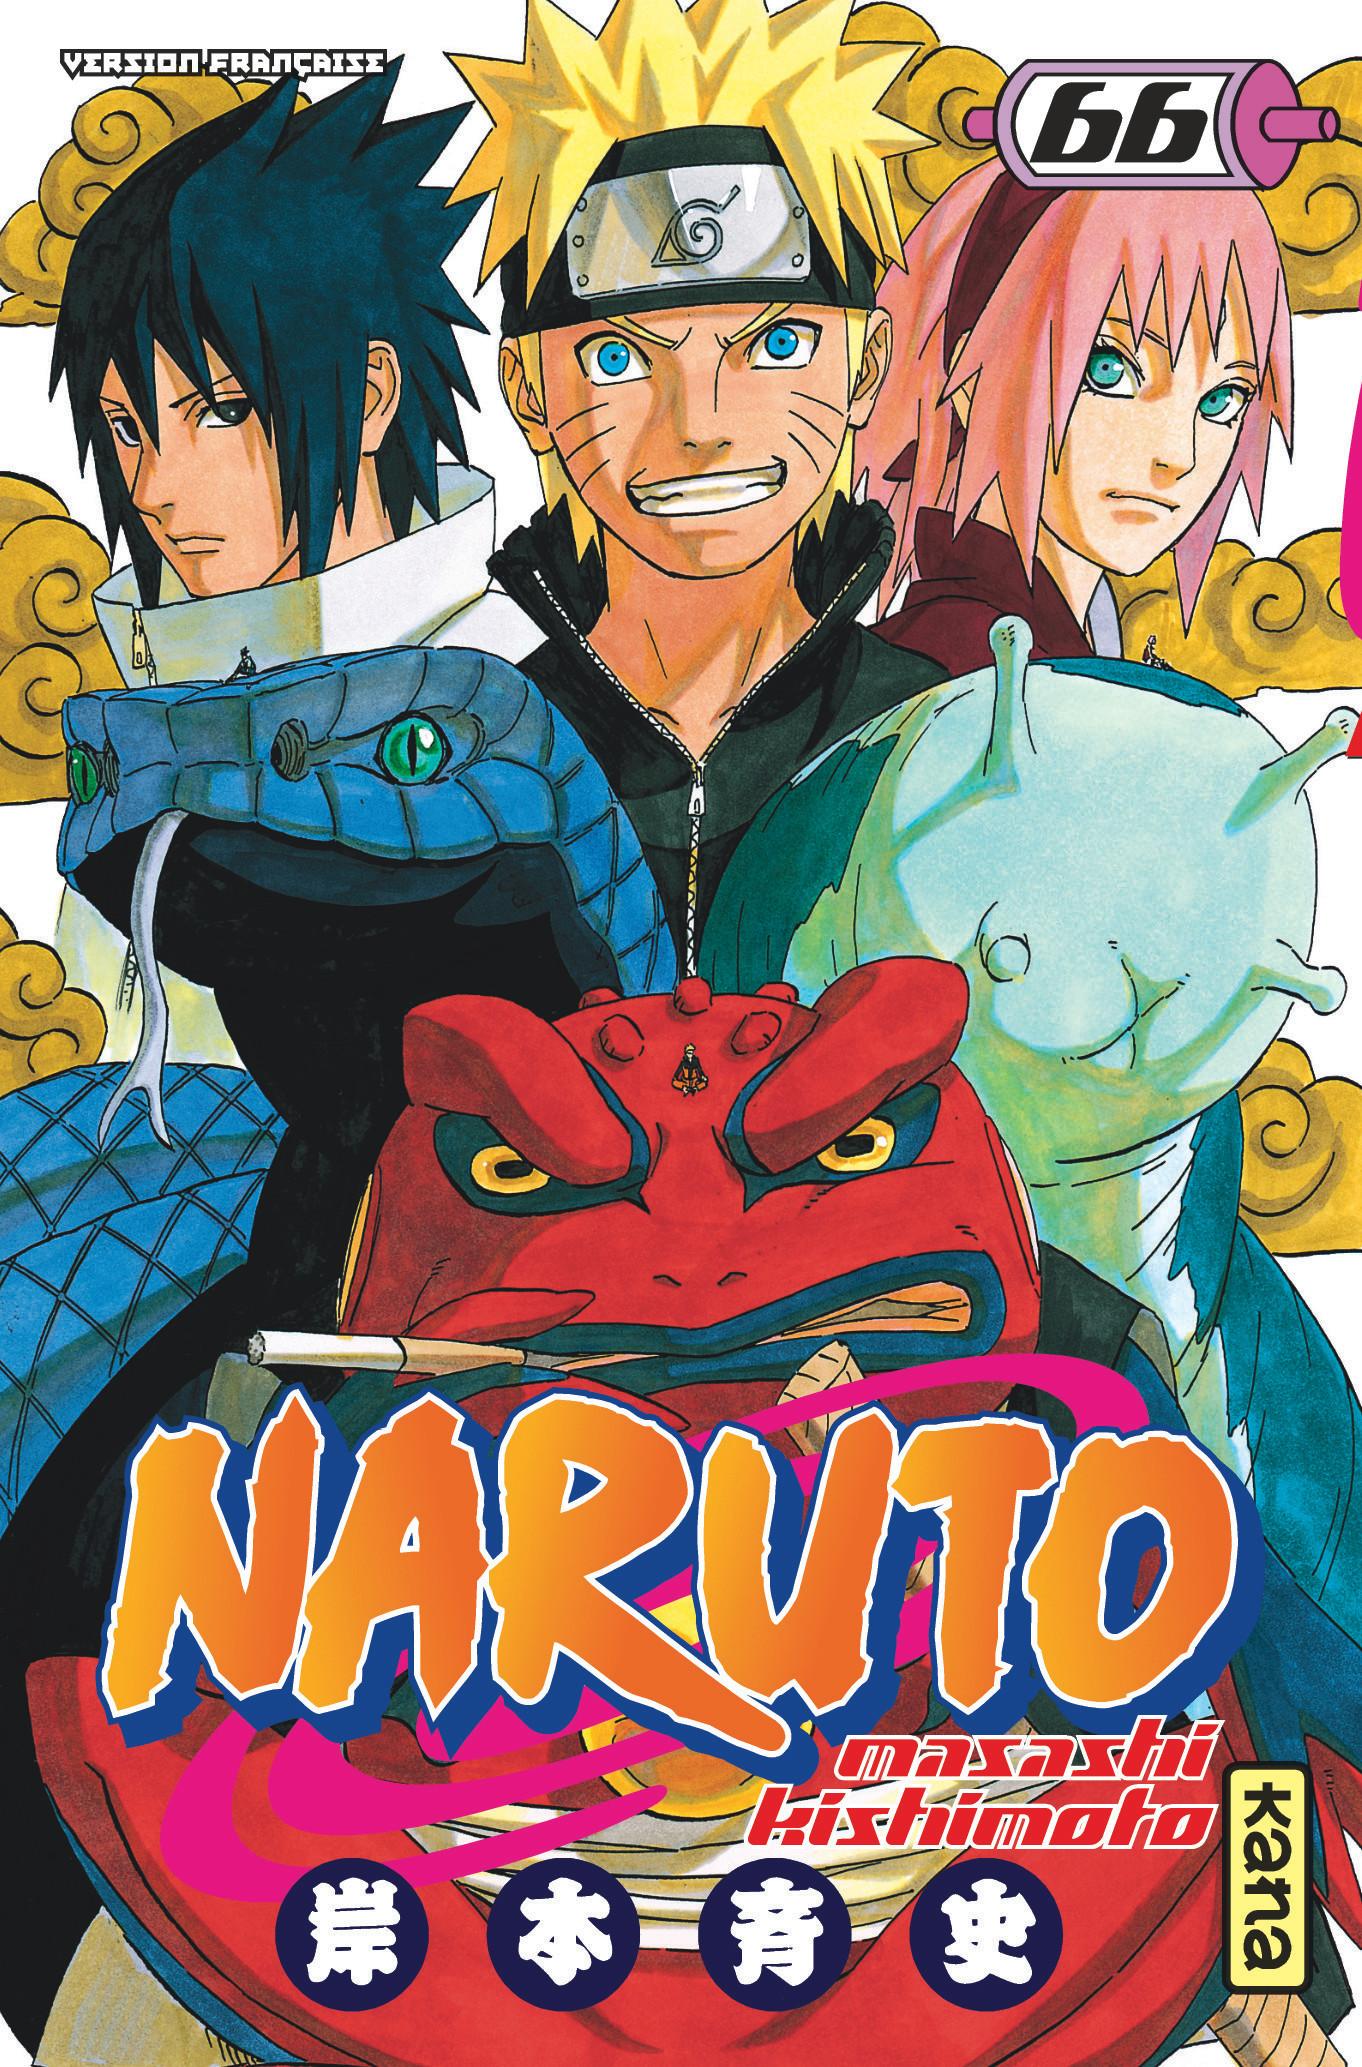 http://img.manga-sanctuary.com/big/naruto-manga-volume-66-francaise-220328.jpg